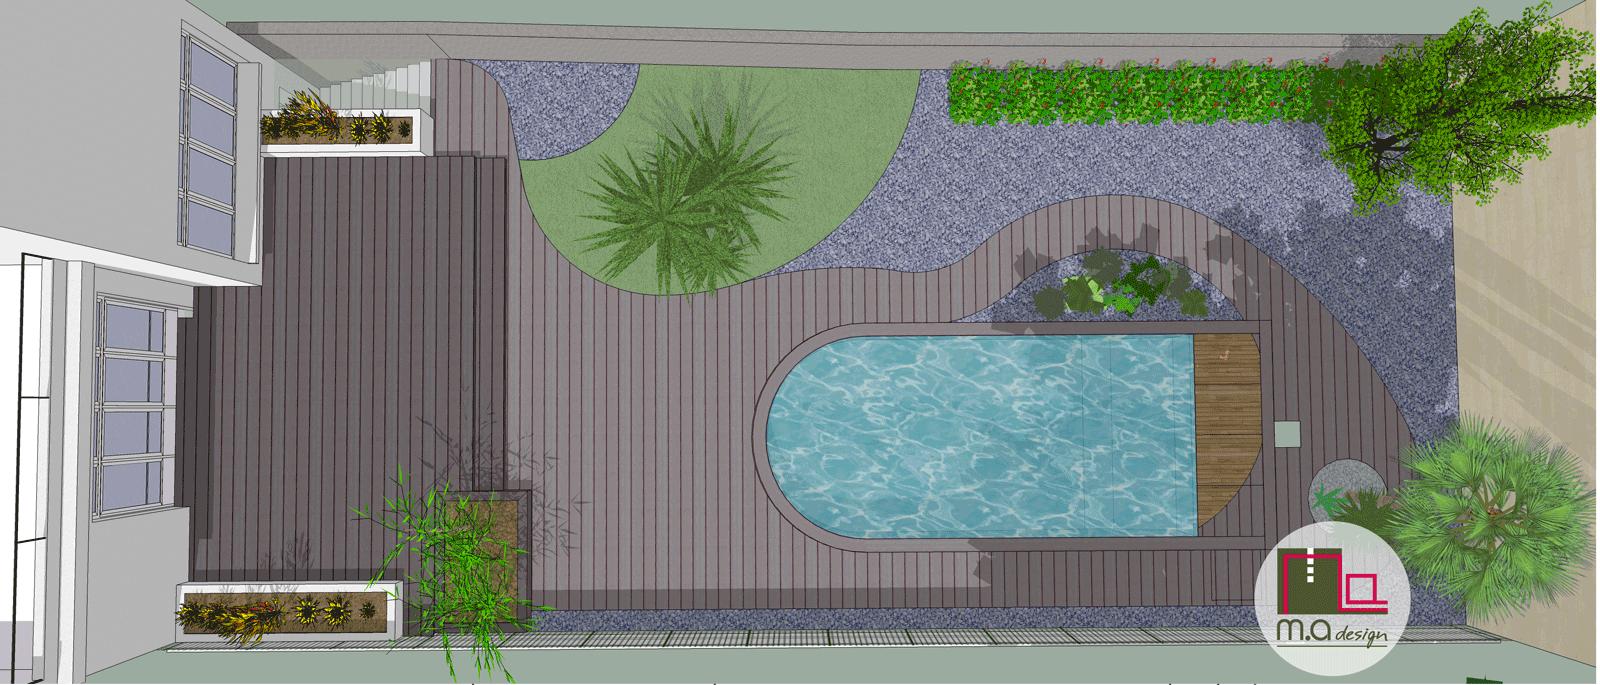 Projet de piscine en 3D